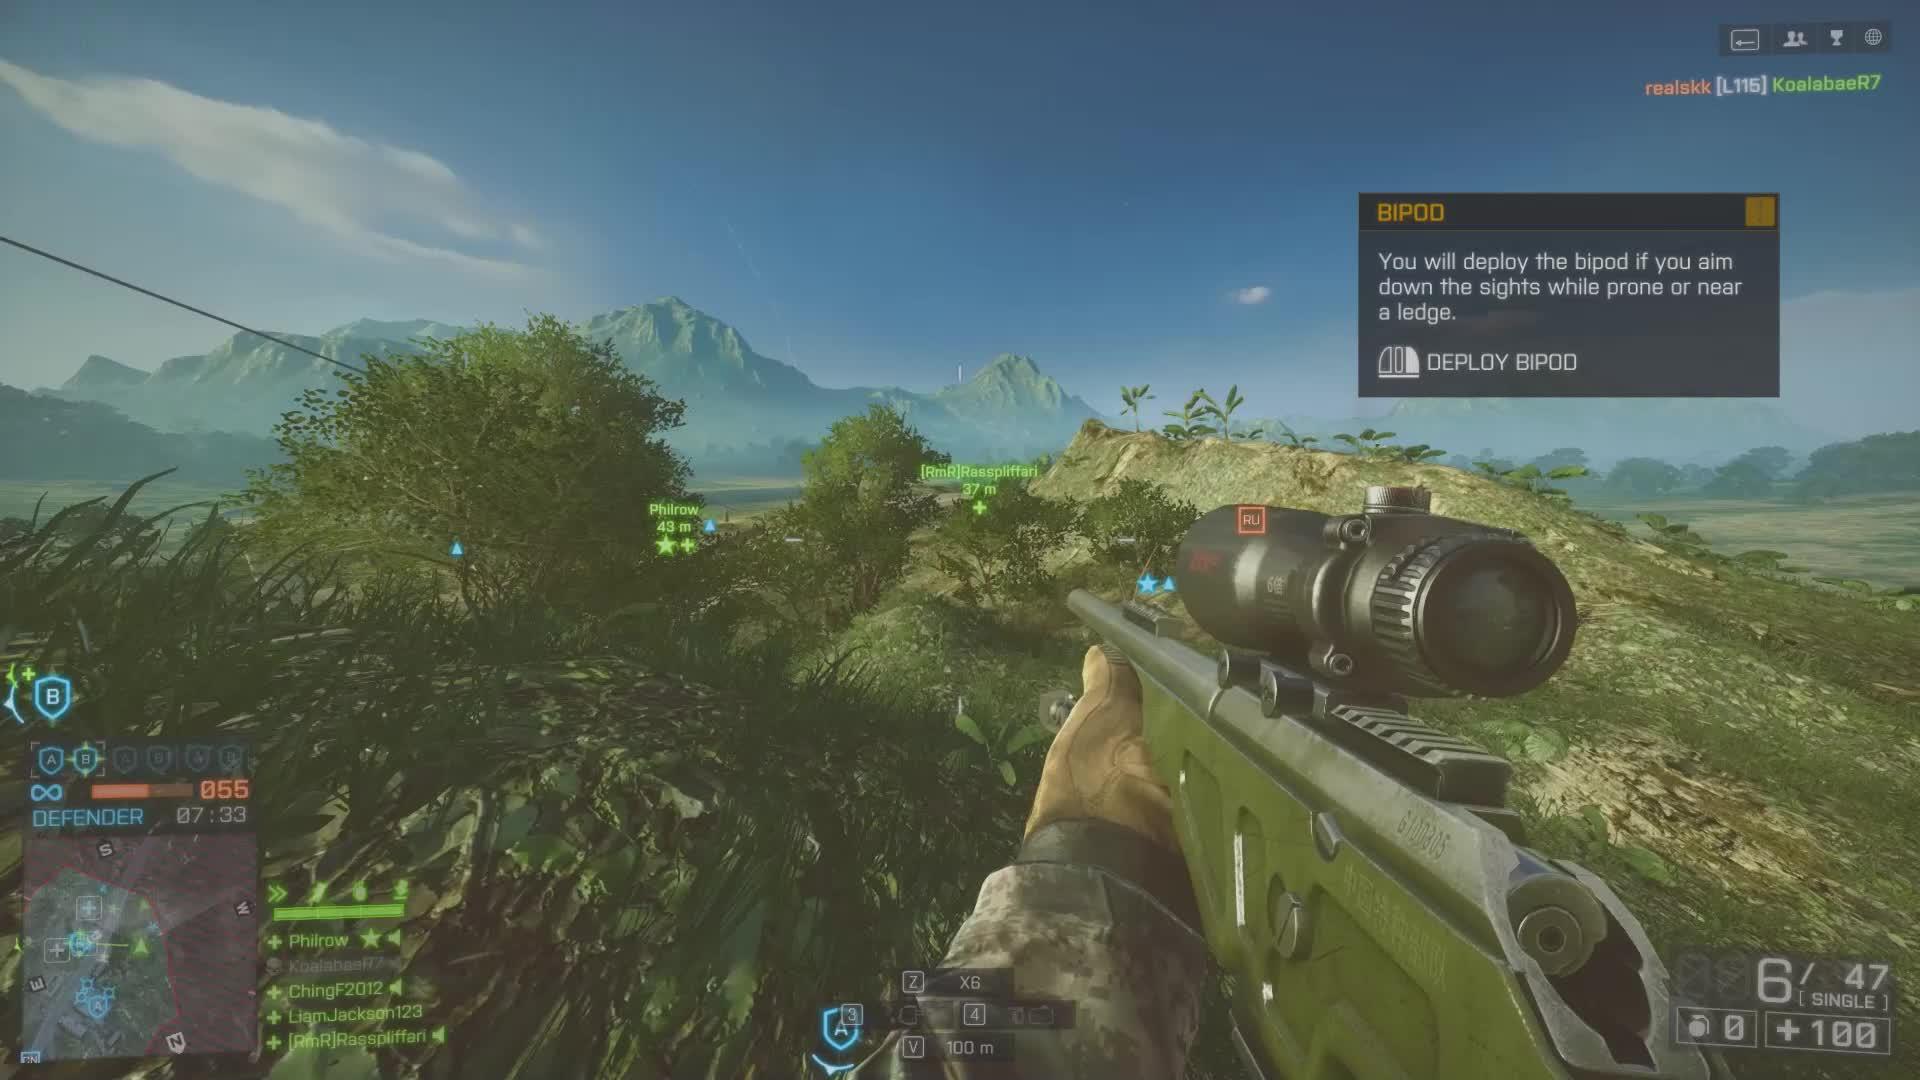 battlefield4, Battlefield 4  GIFs